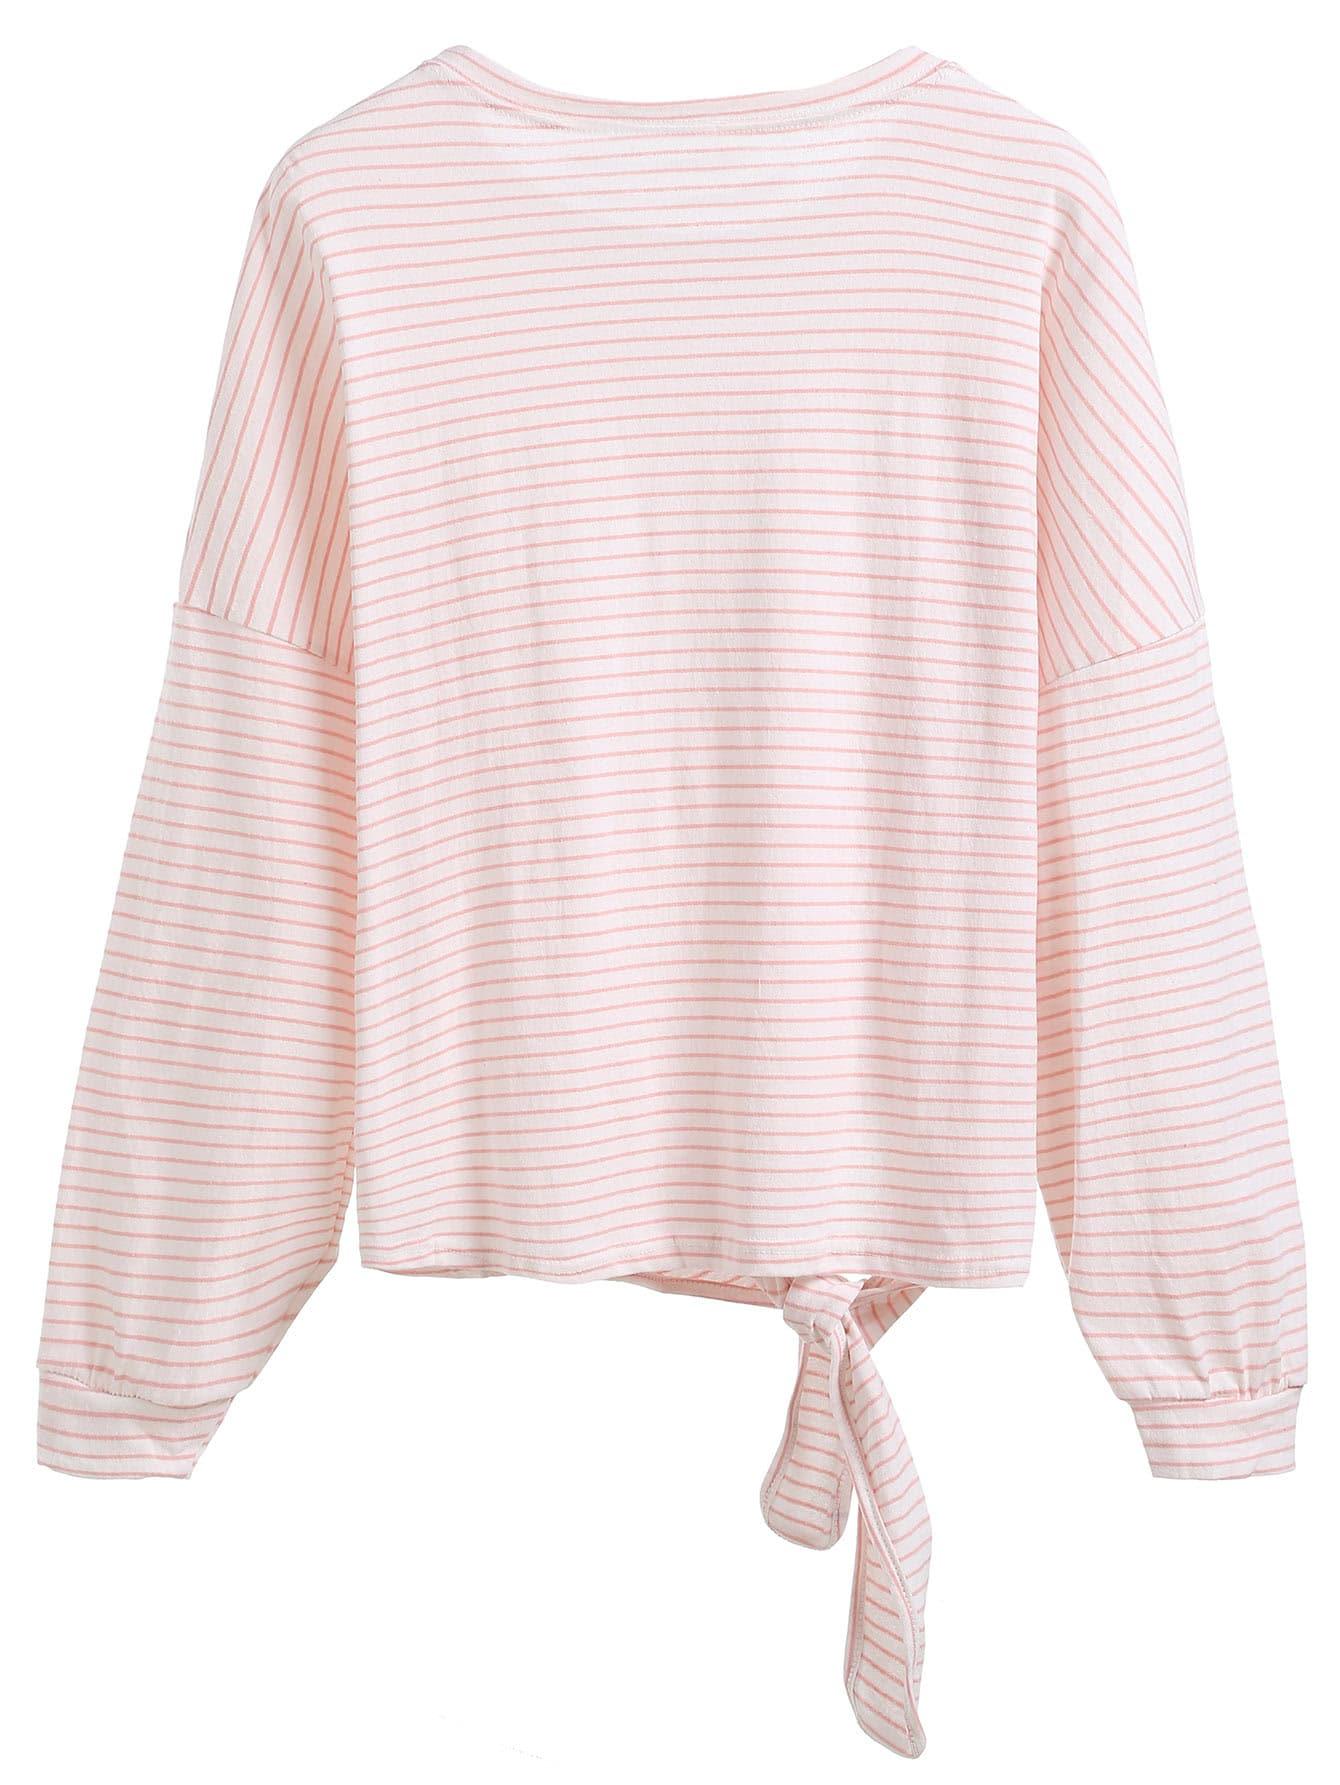 Pink striped tie front t shirt shein sheinside for Striped tie with striped shirt